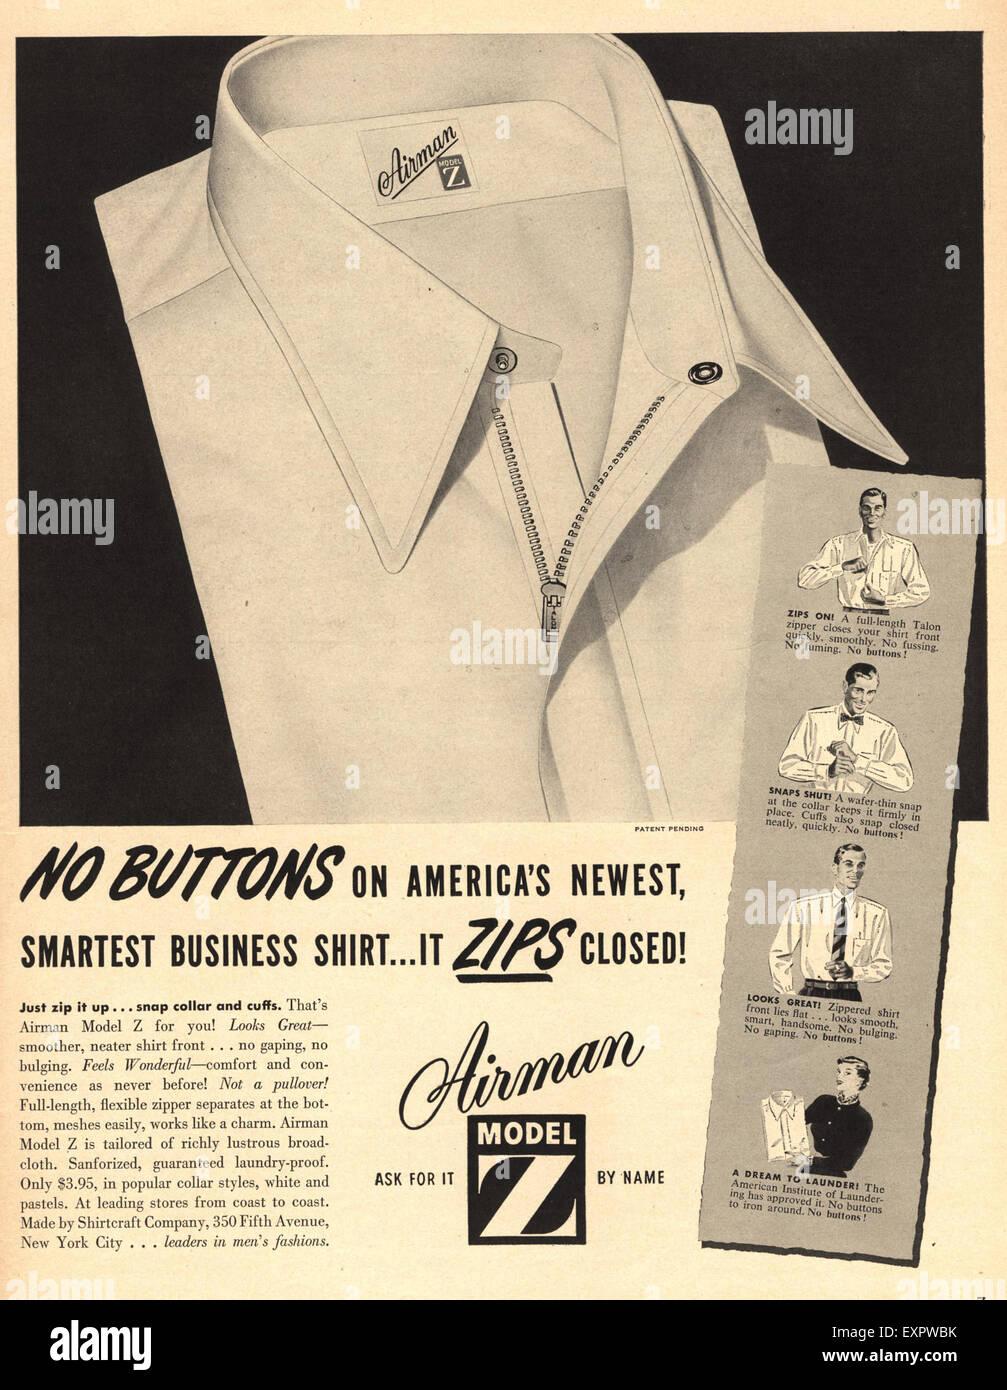 1950s USA Airman Shirts Magazine Advert - Stock Image